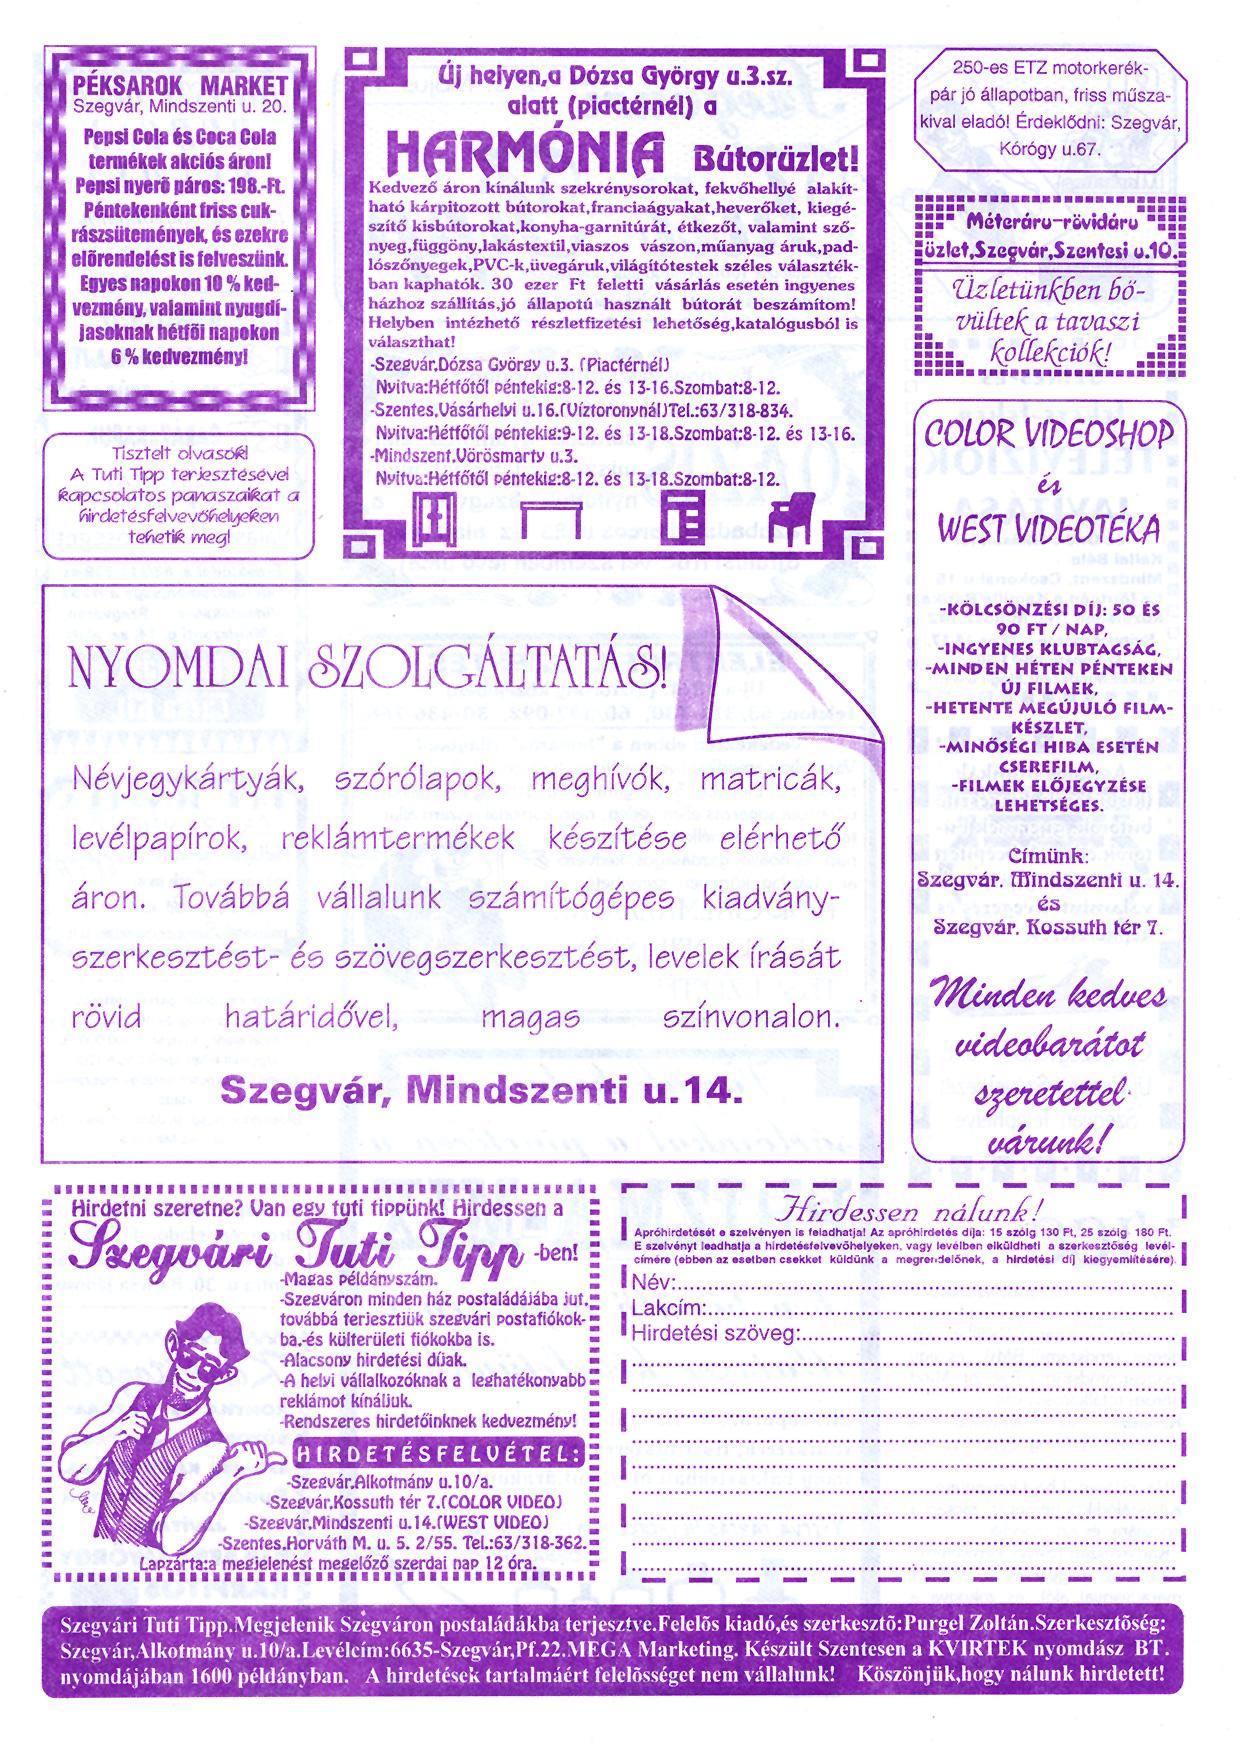 020 Szegvári Tuti Tipp reklámújság - 19960504-021. lapszám - 2.oldal - II. évfolyam.jpg